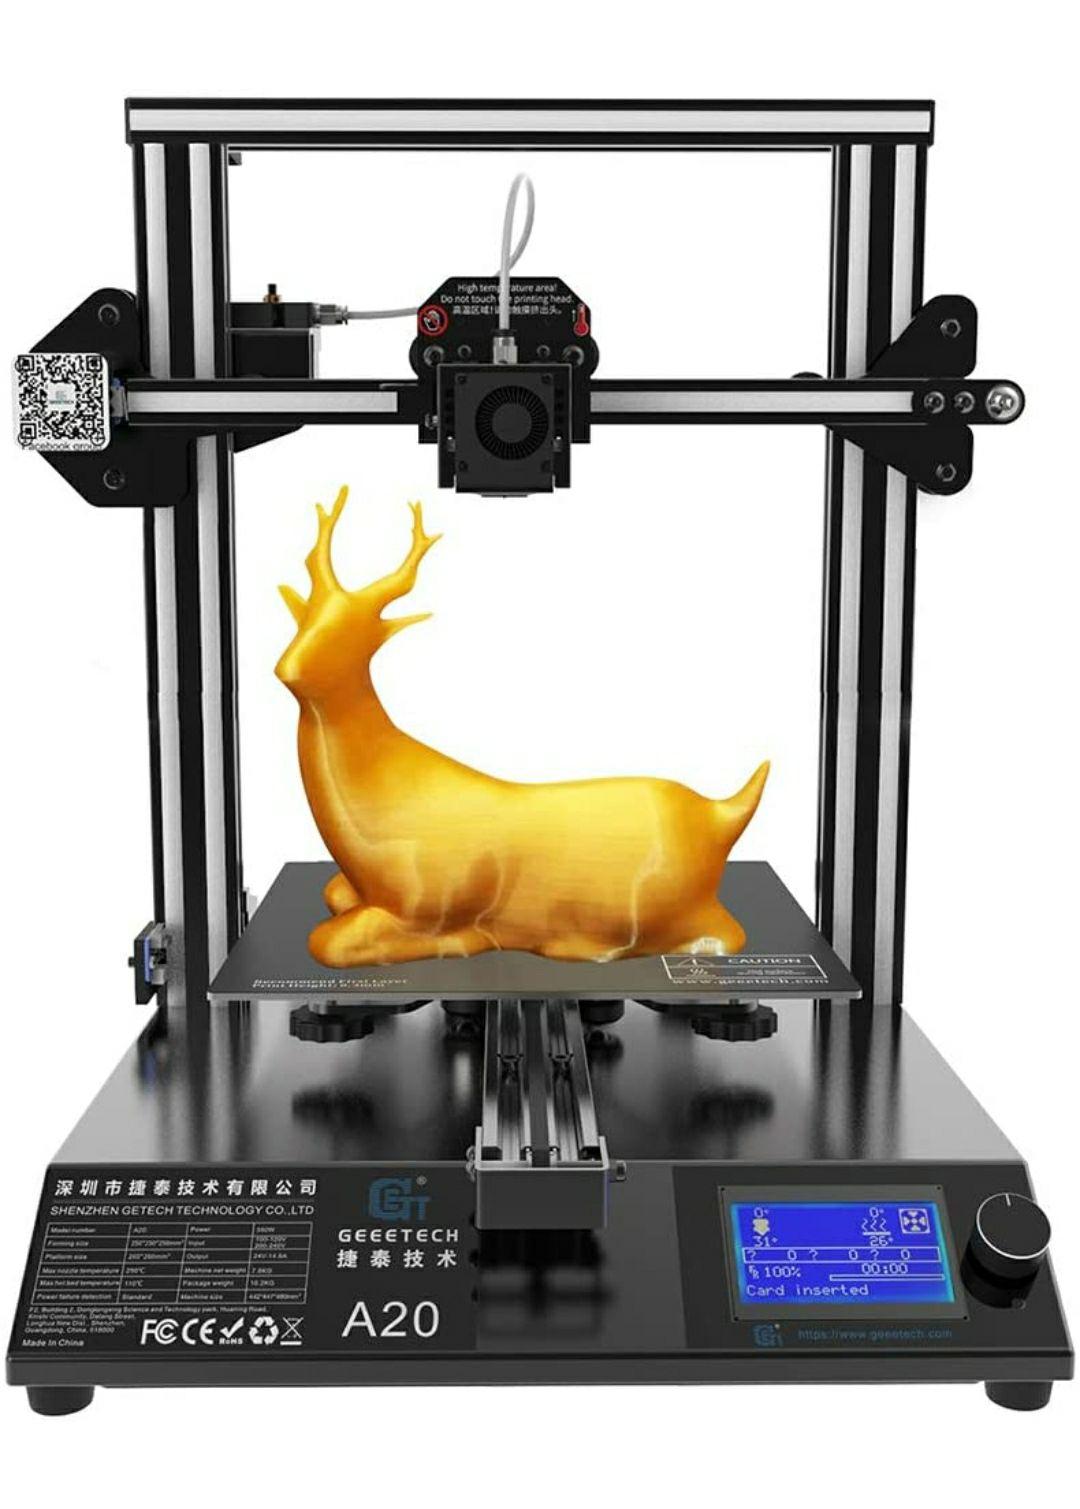 GEEETECH A20 stampante 3D con base di edificio integrata